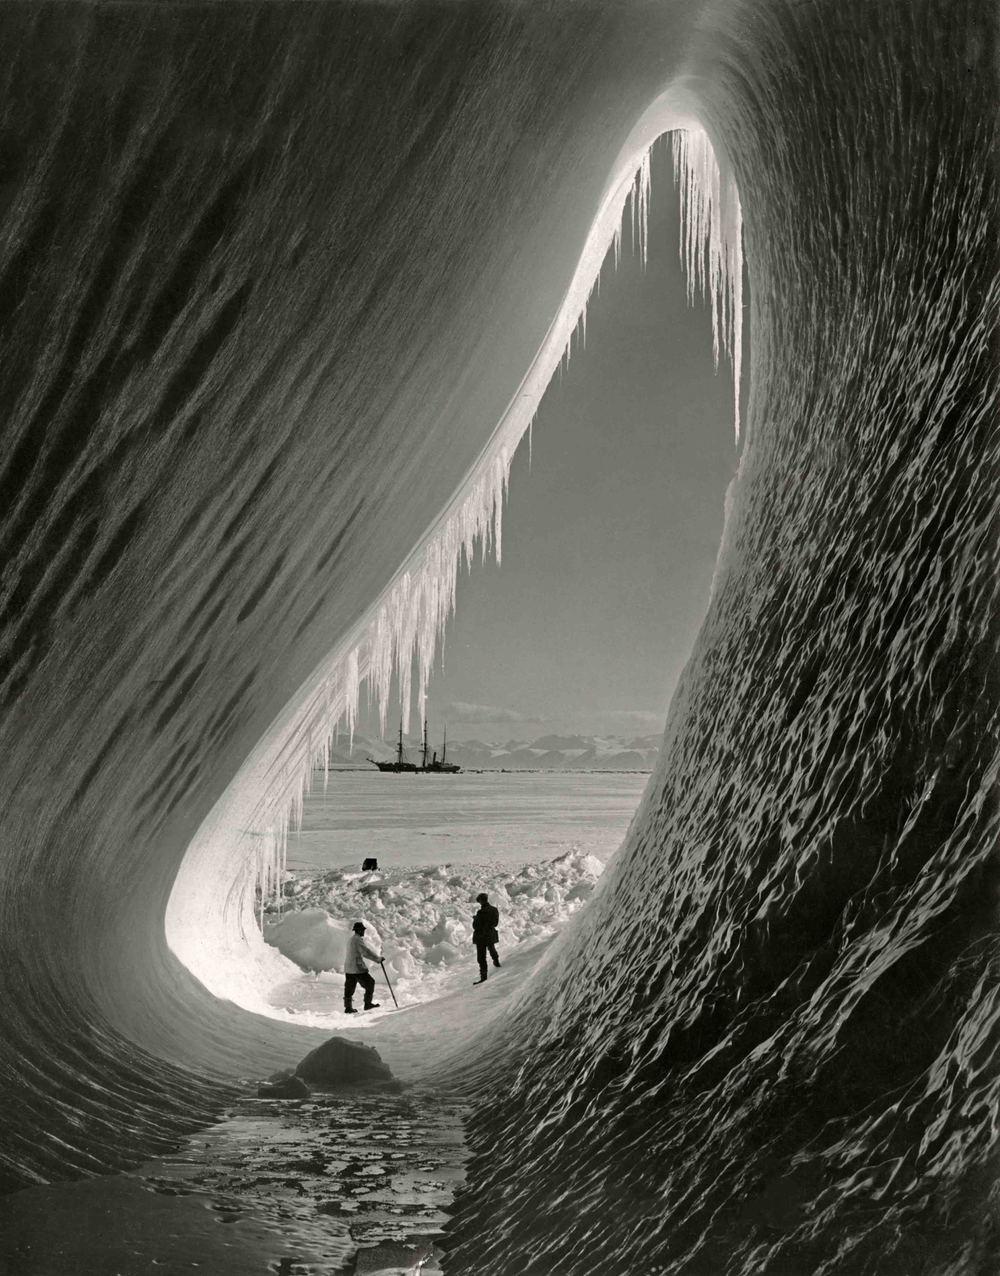 Foto Herbert G. Ponting, Antarctica, 1910-1912, collectie Nationaal Archief